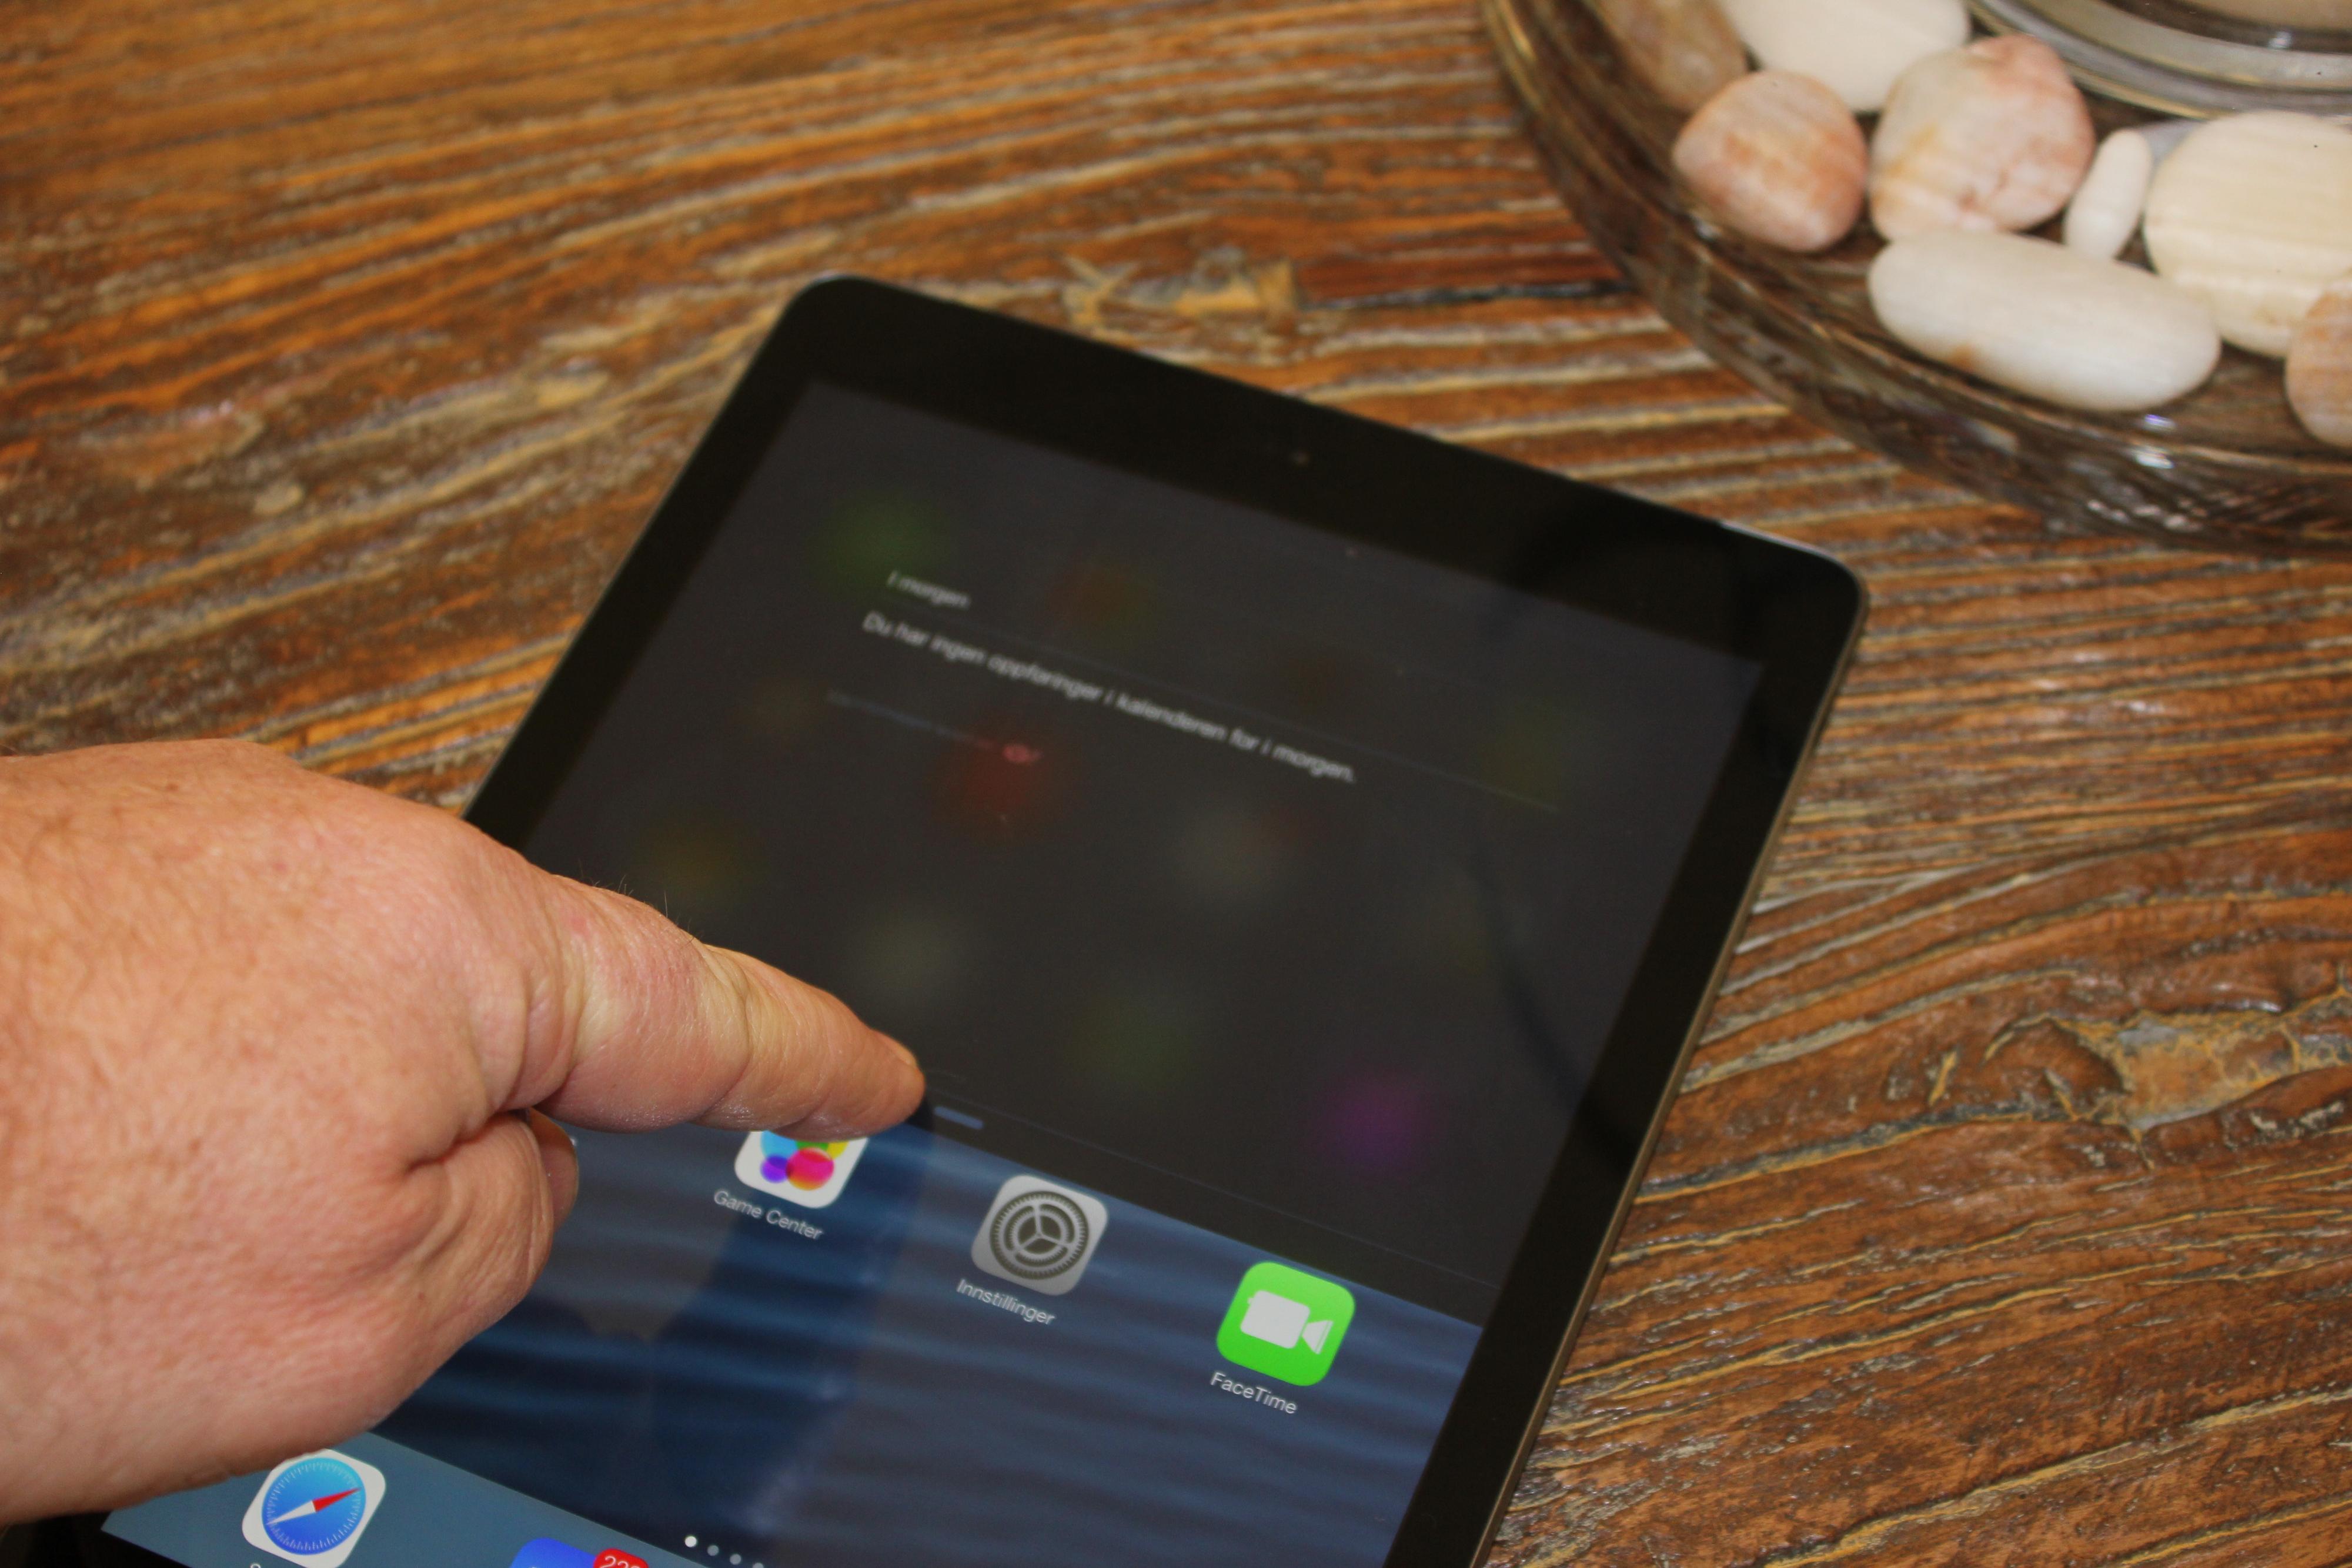 Varslingspanelet henter du fra toppen av skjermen.Foto: Espen Irwing Swang, Amobil.no